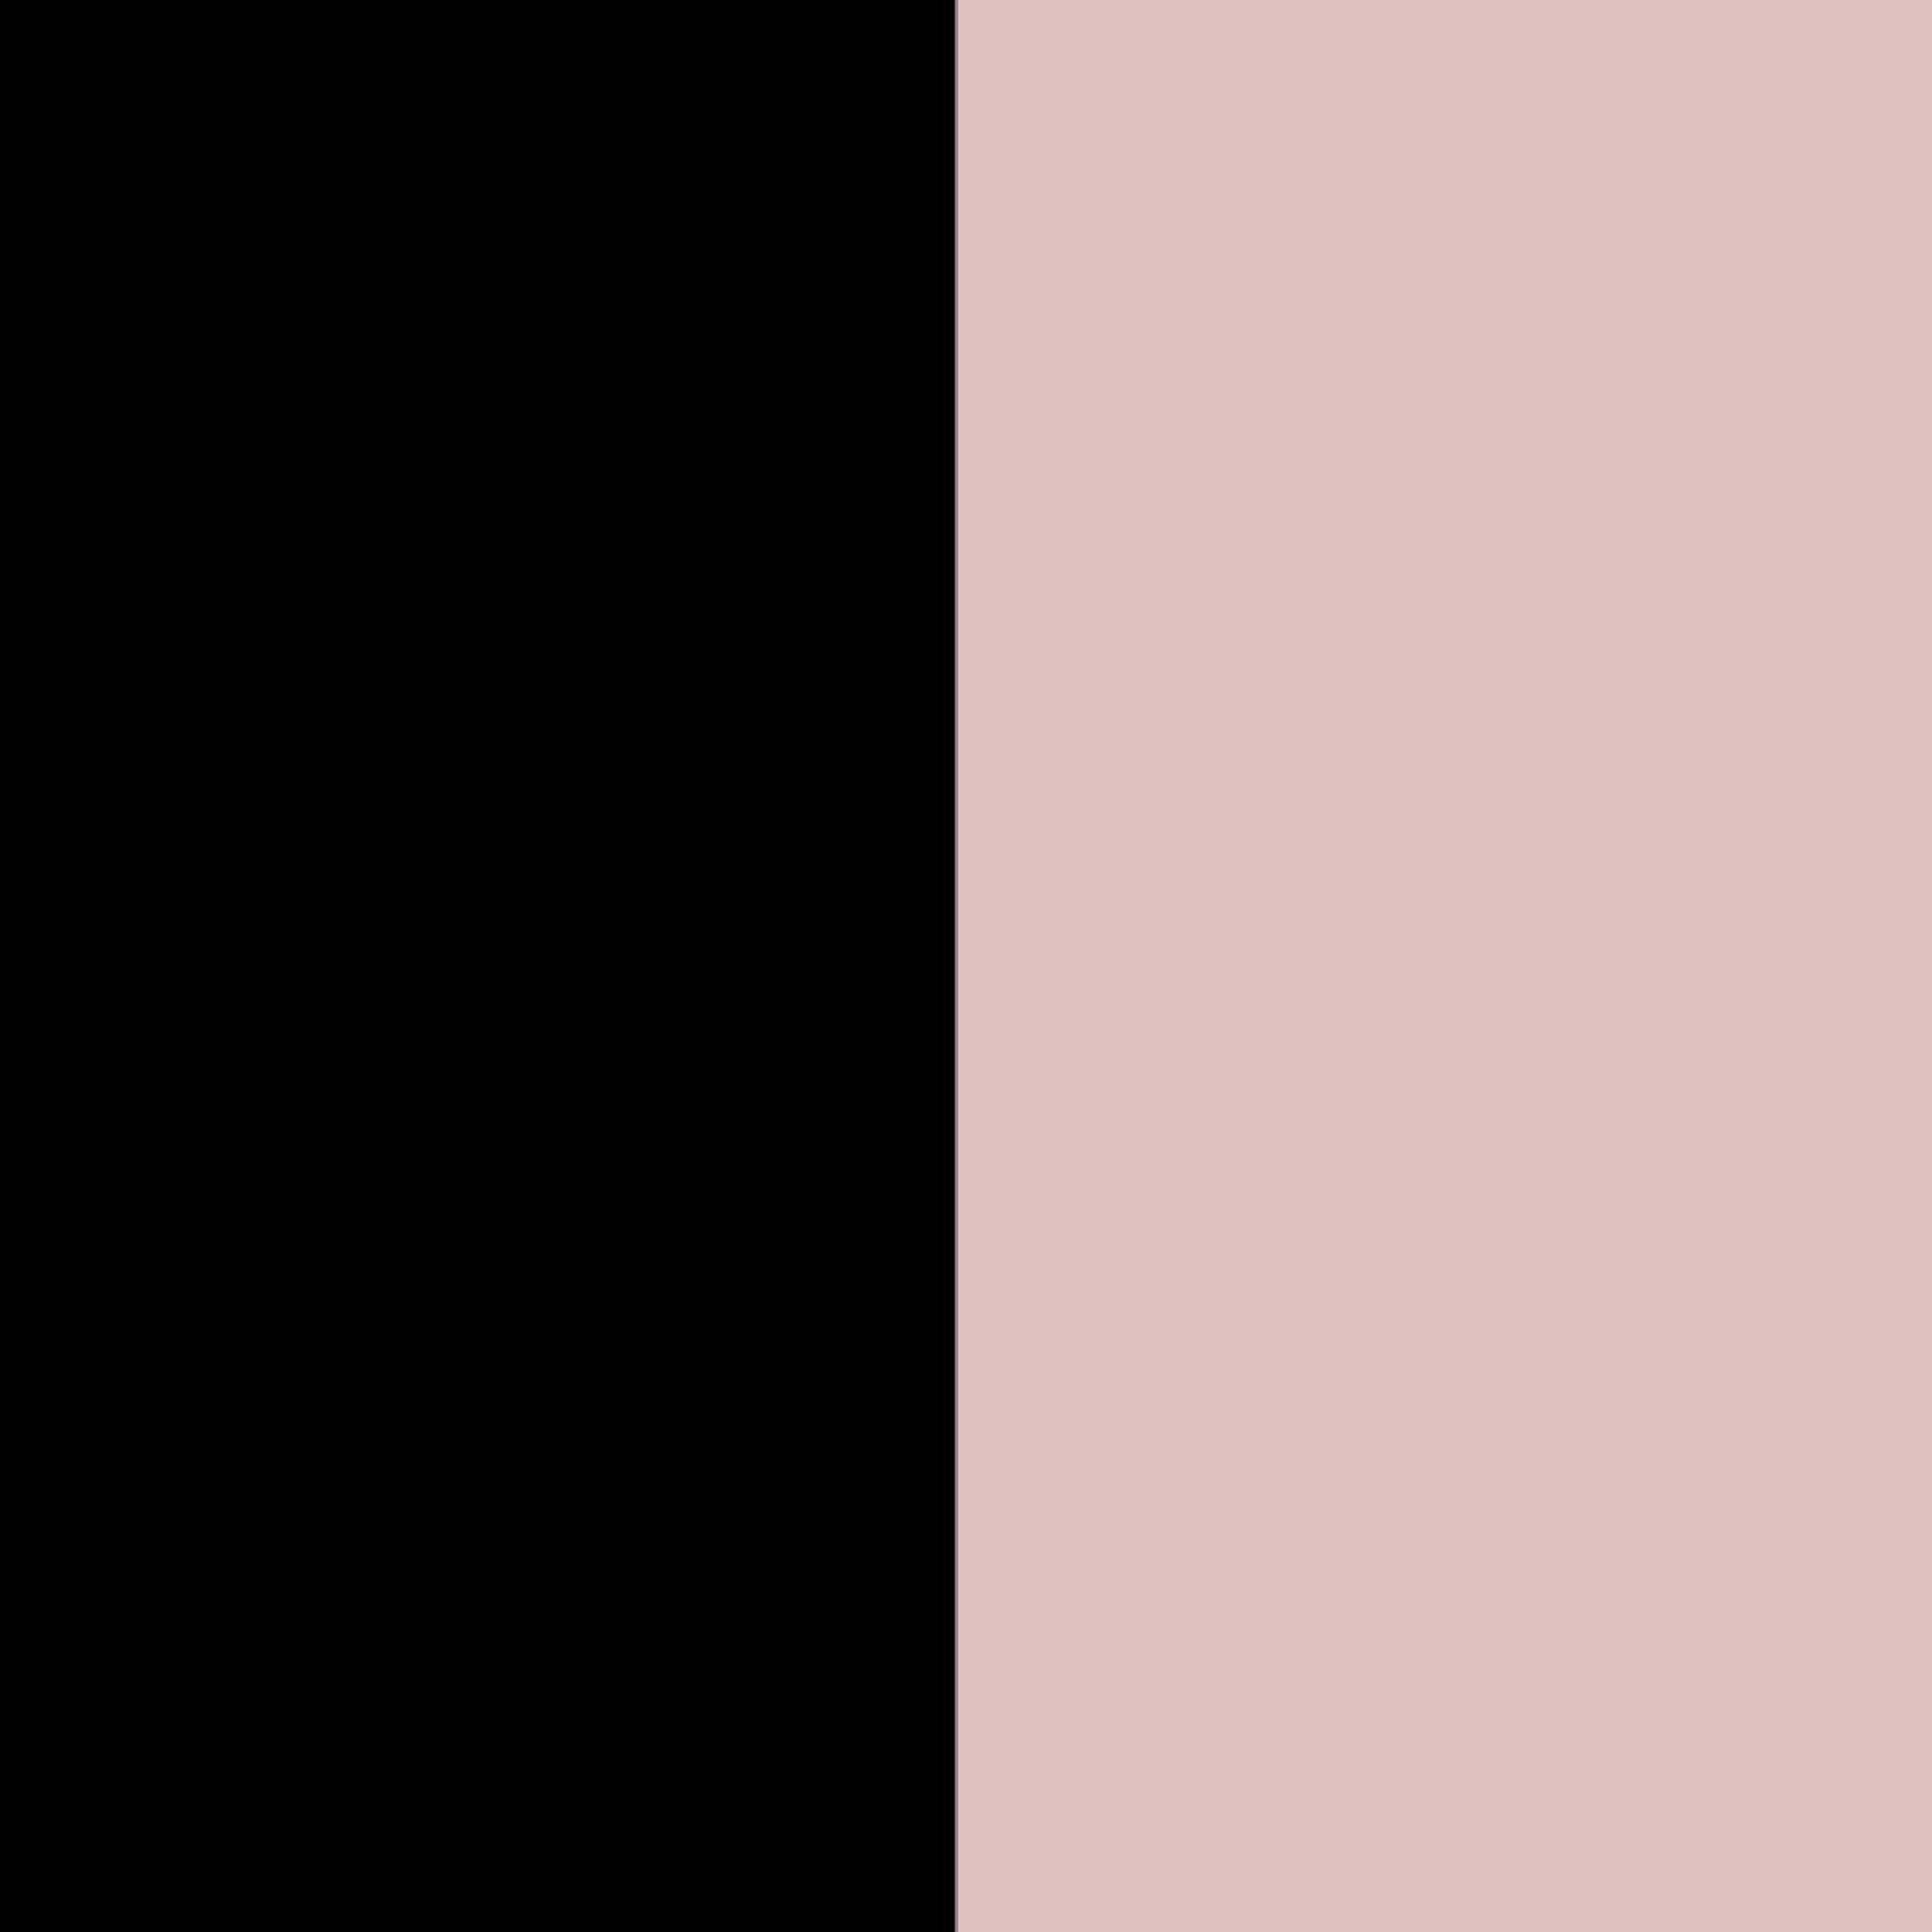 black+cappuccino